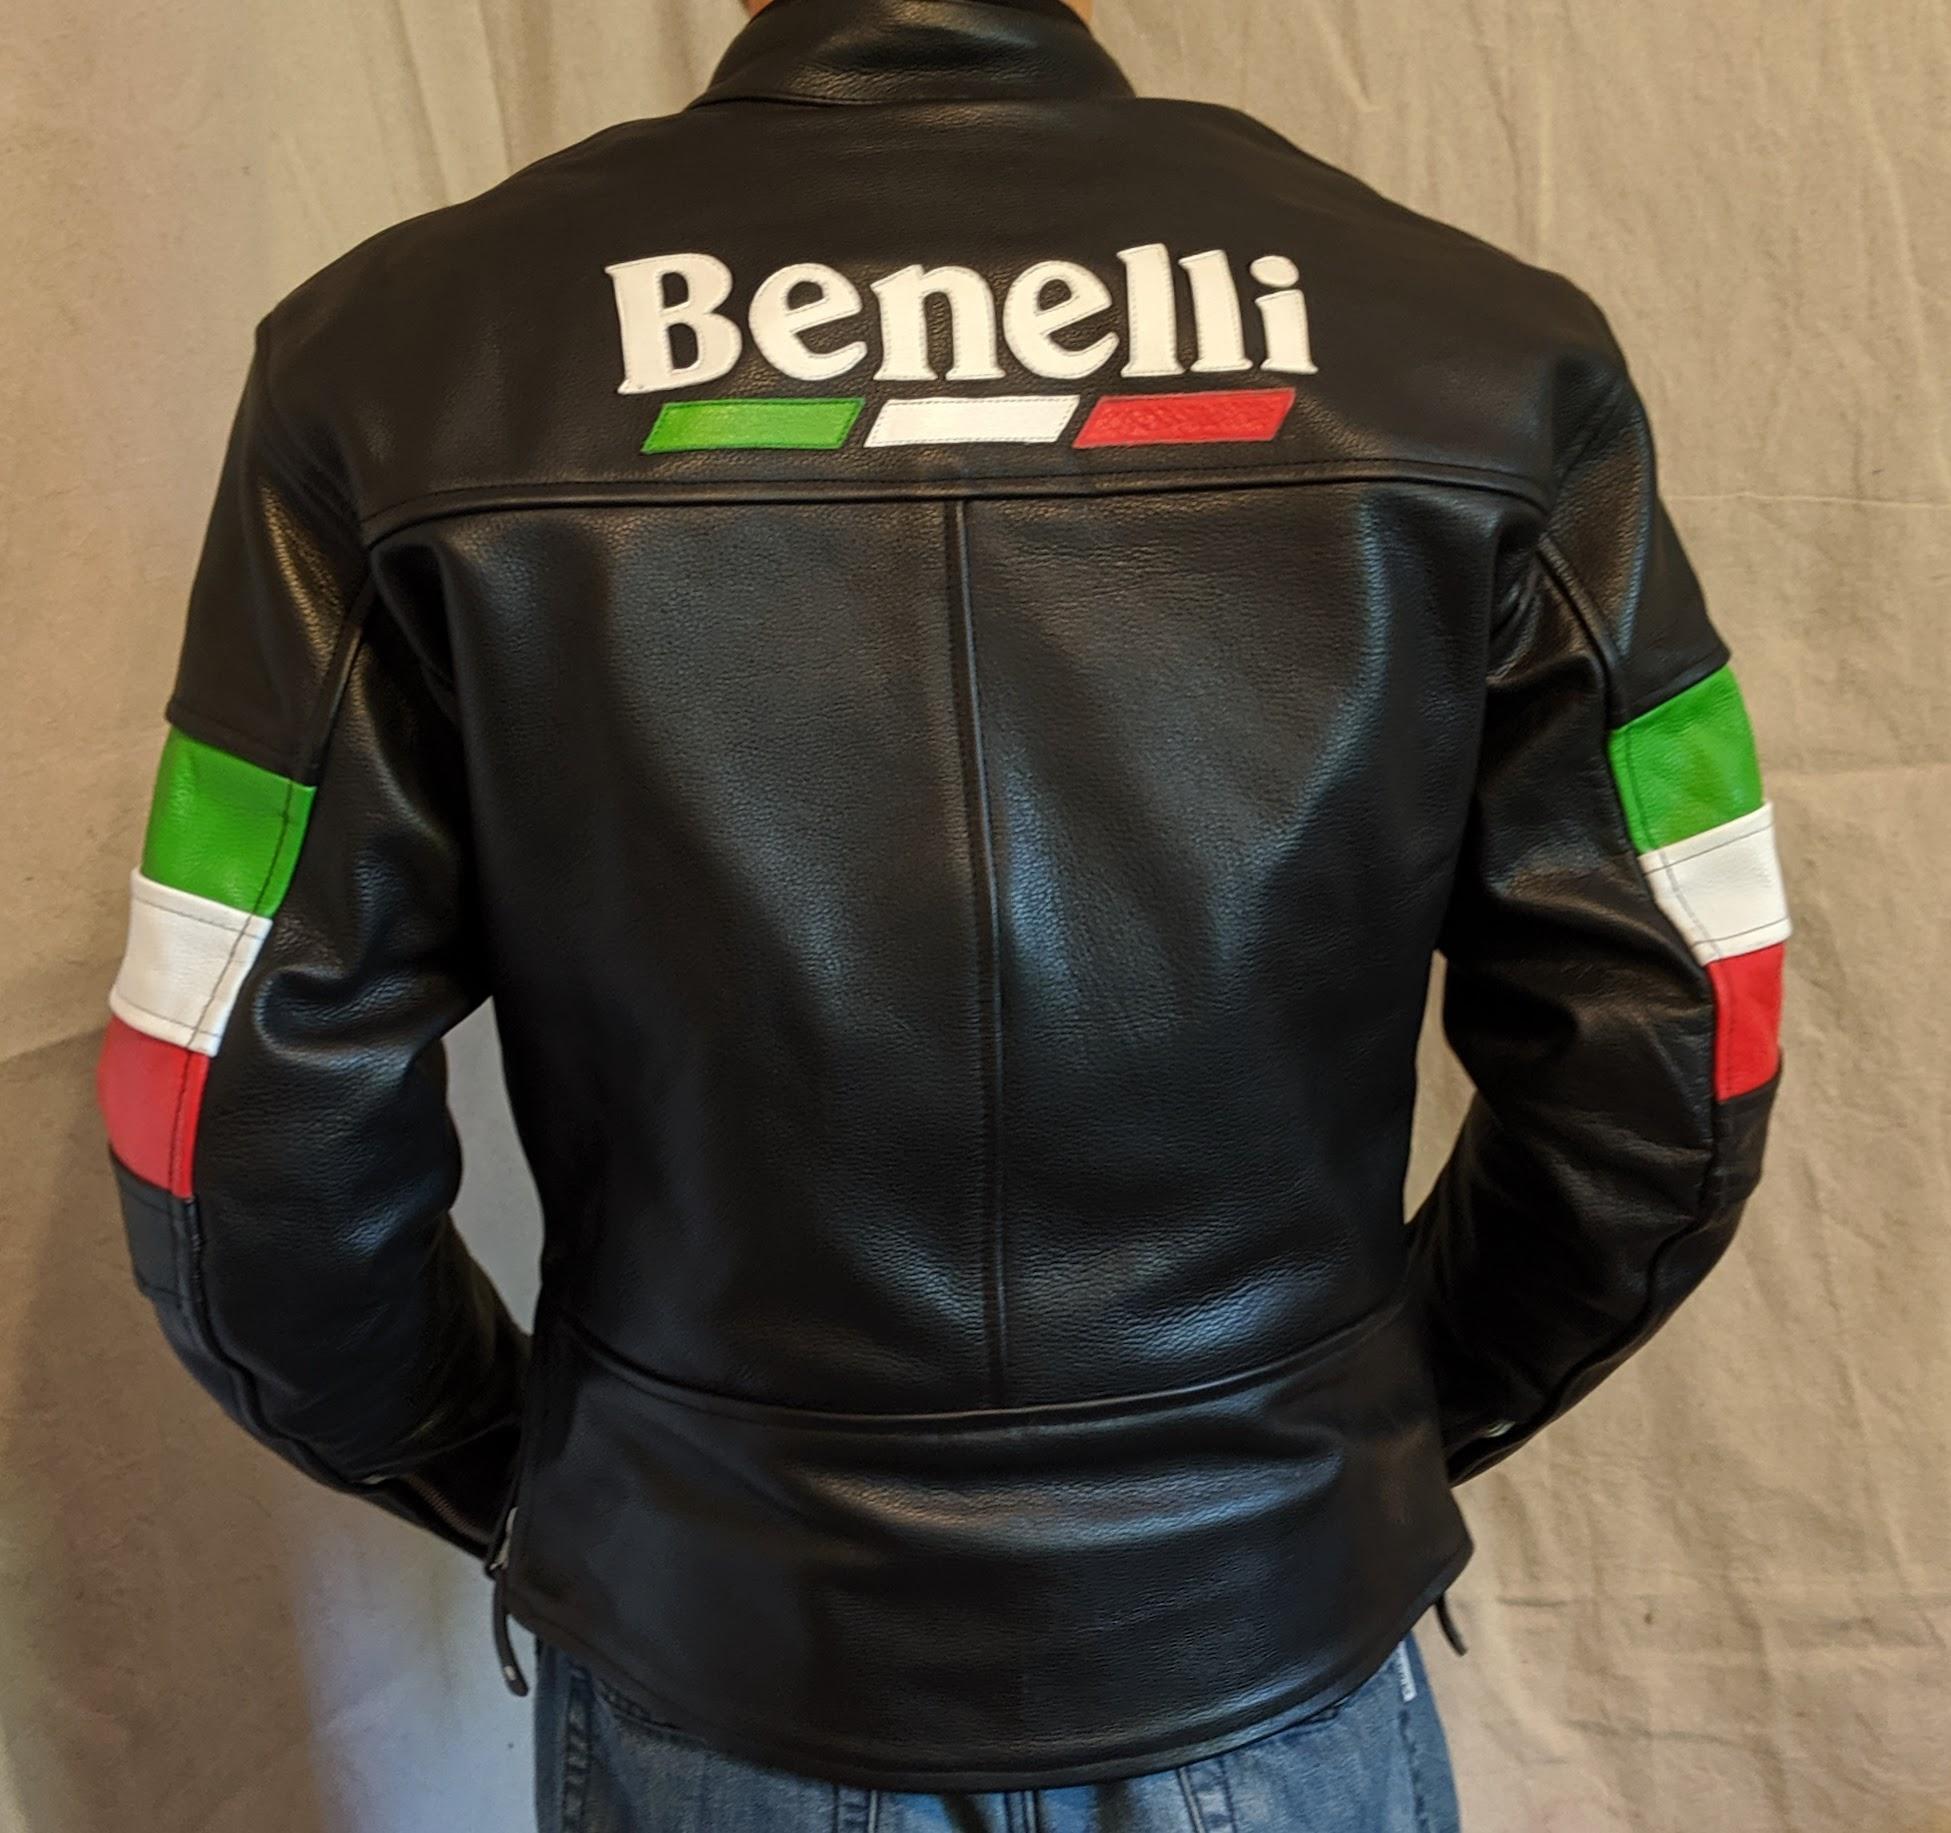 Benelli Logo'ed Leather Jackets-img_20191011_081524_1573052361572.jpg